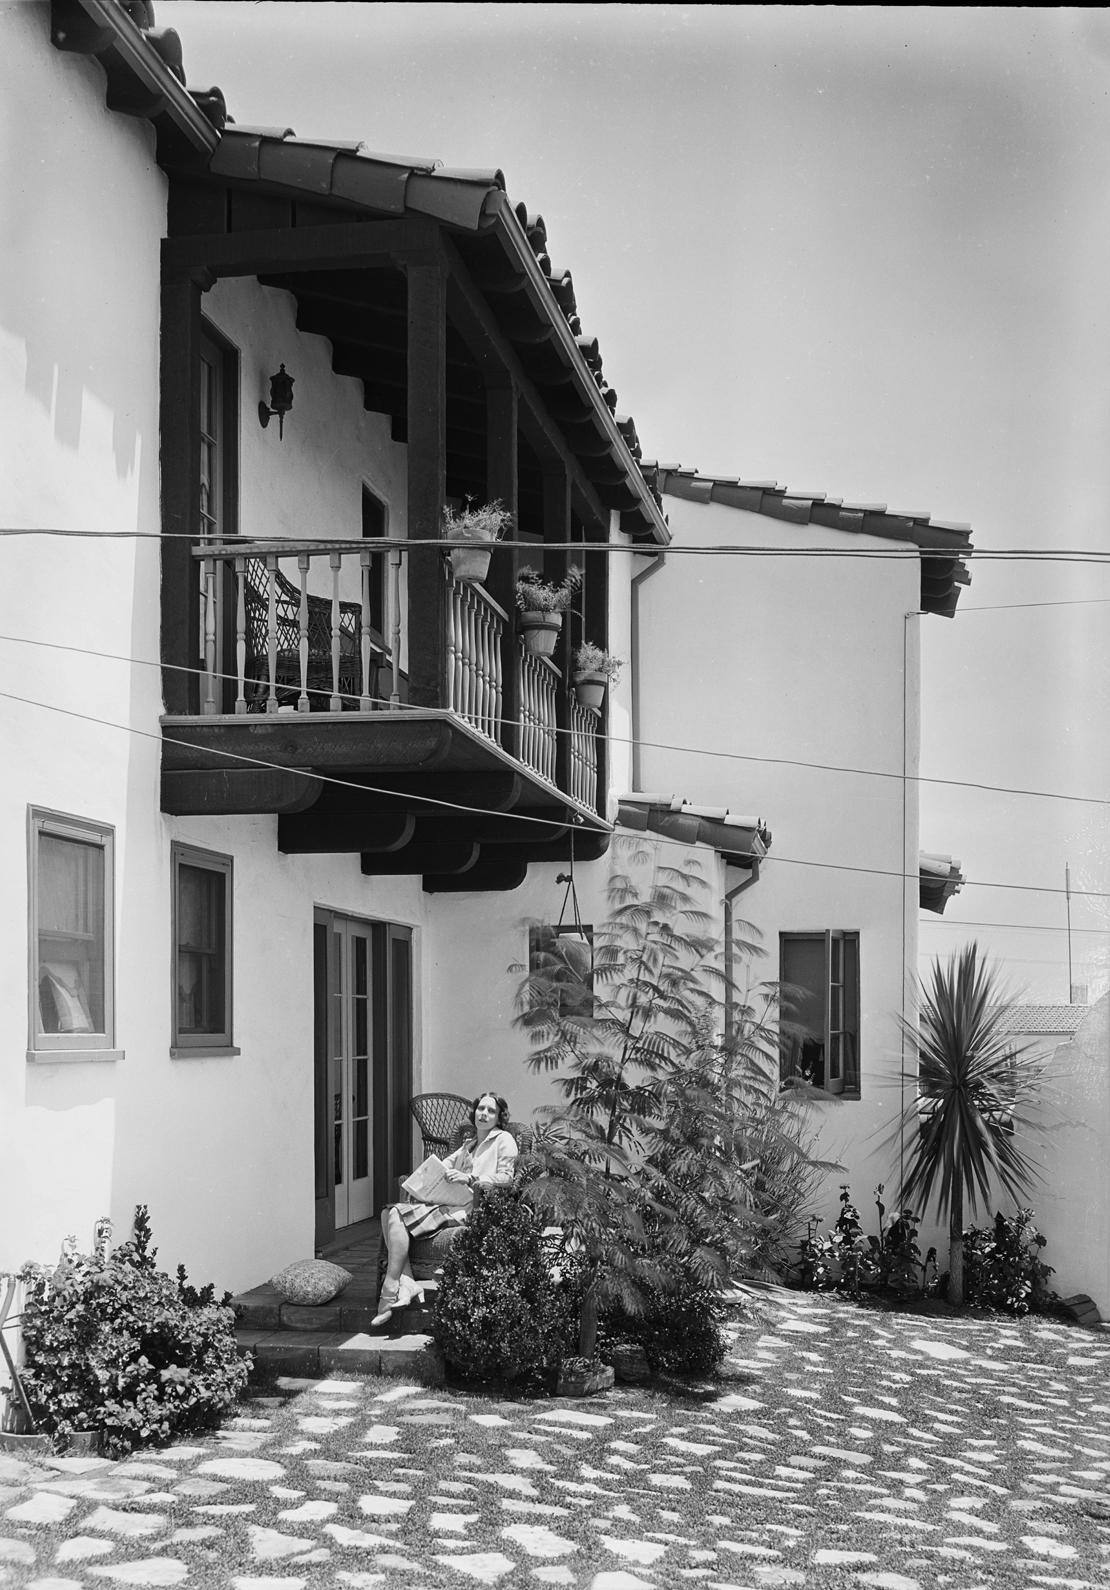 Peyolas_etc_in_View_Park_Southern_California_Los_Angeles_CA_1929_image_3.jpg